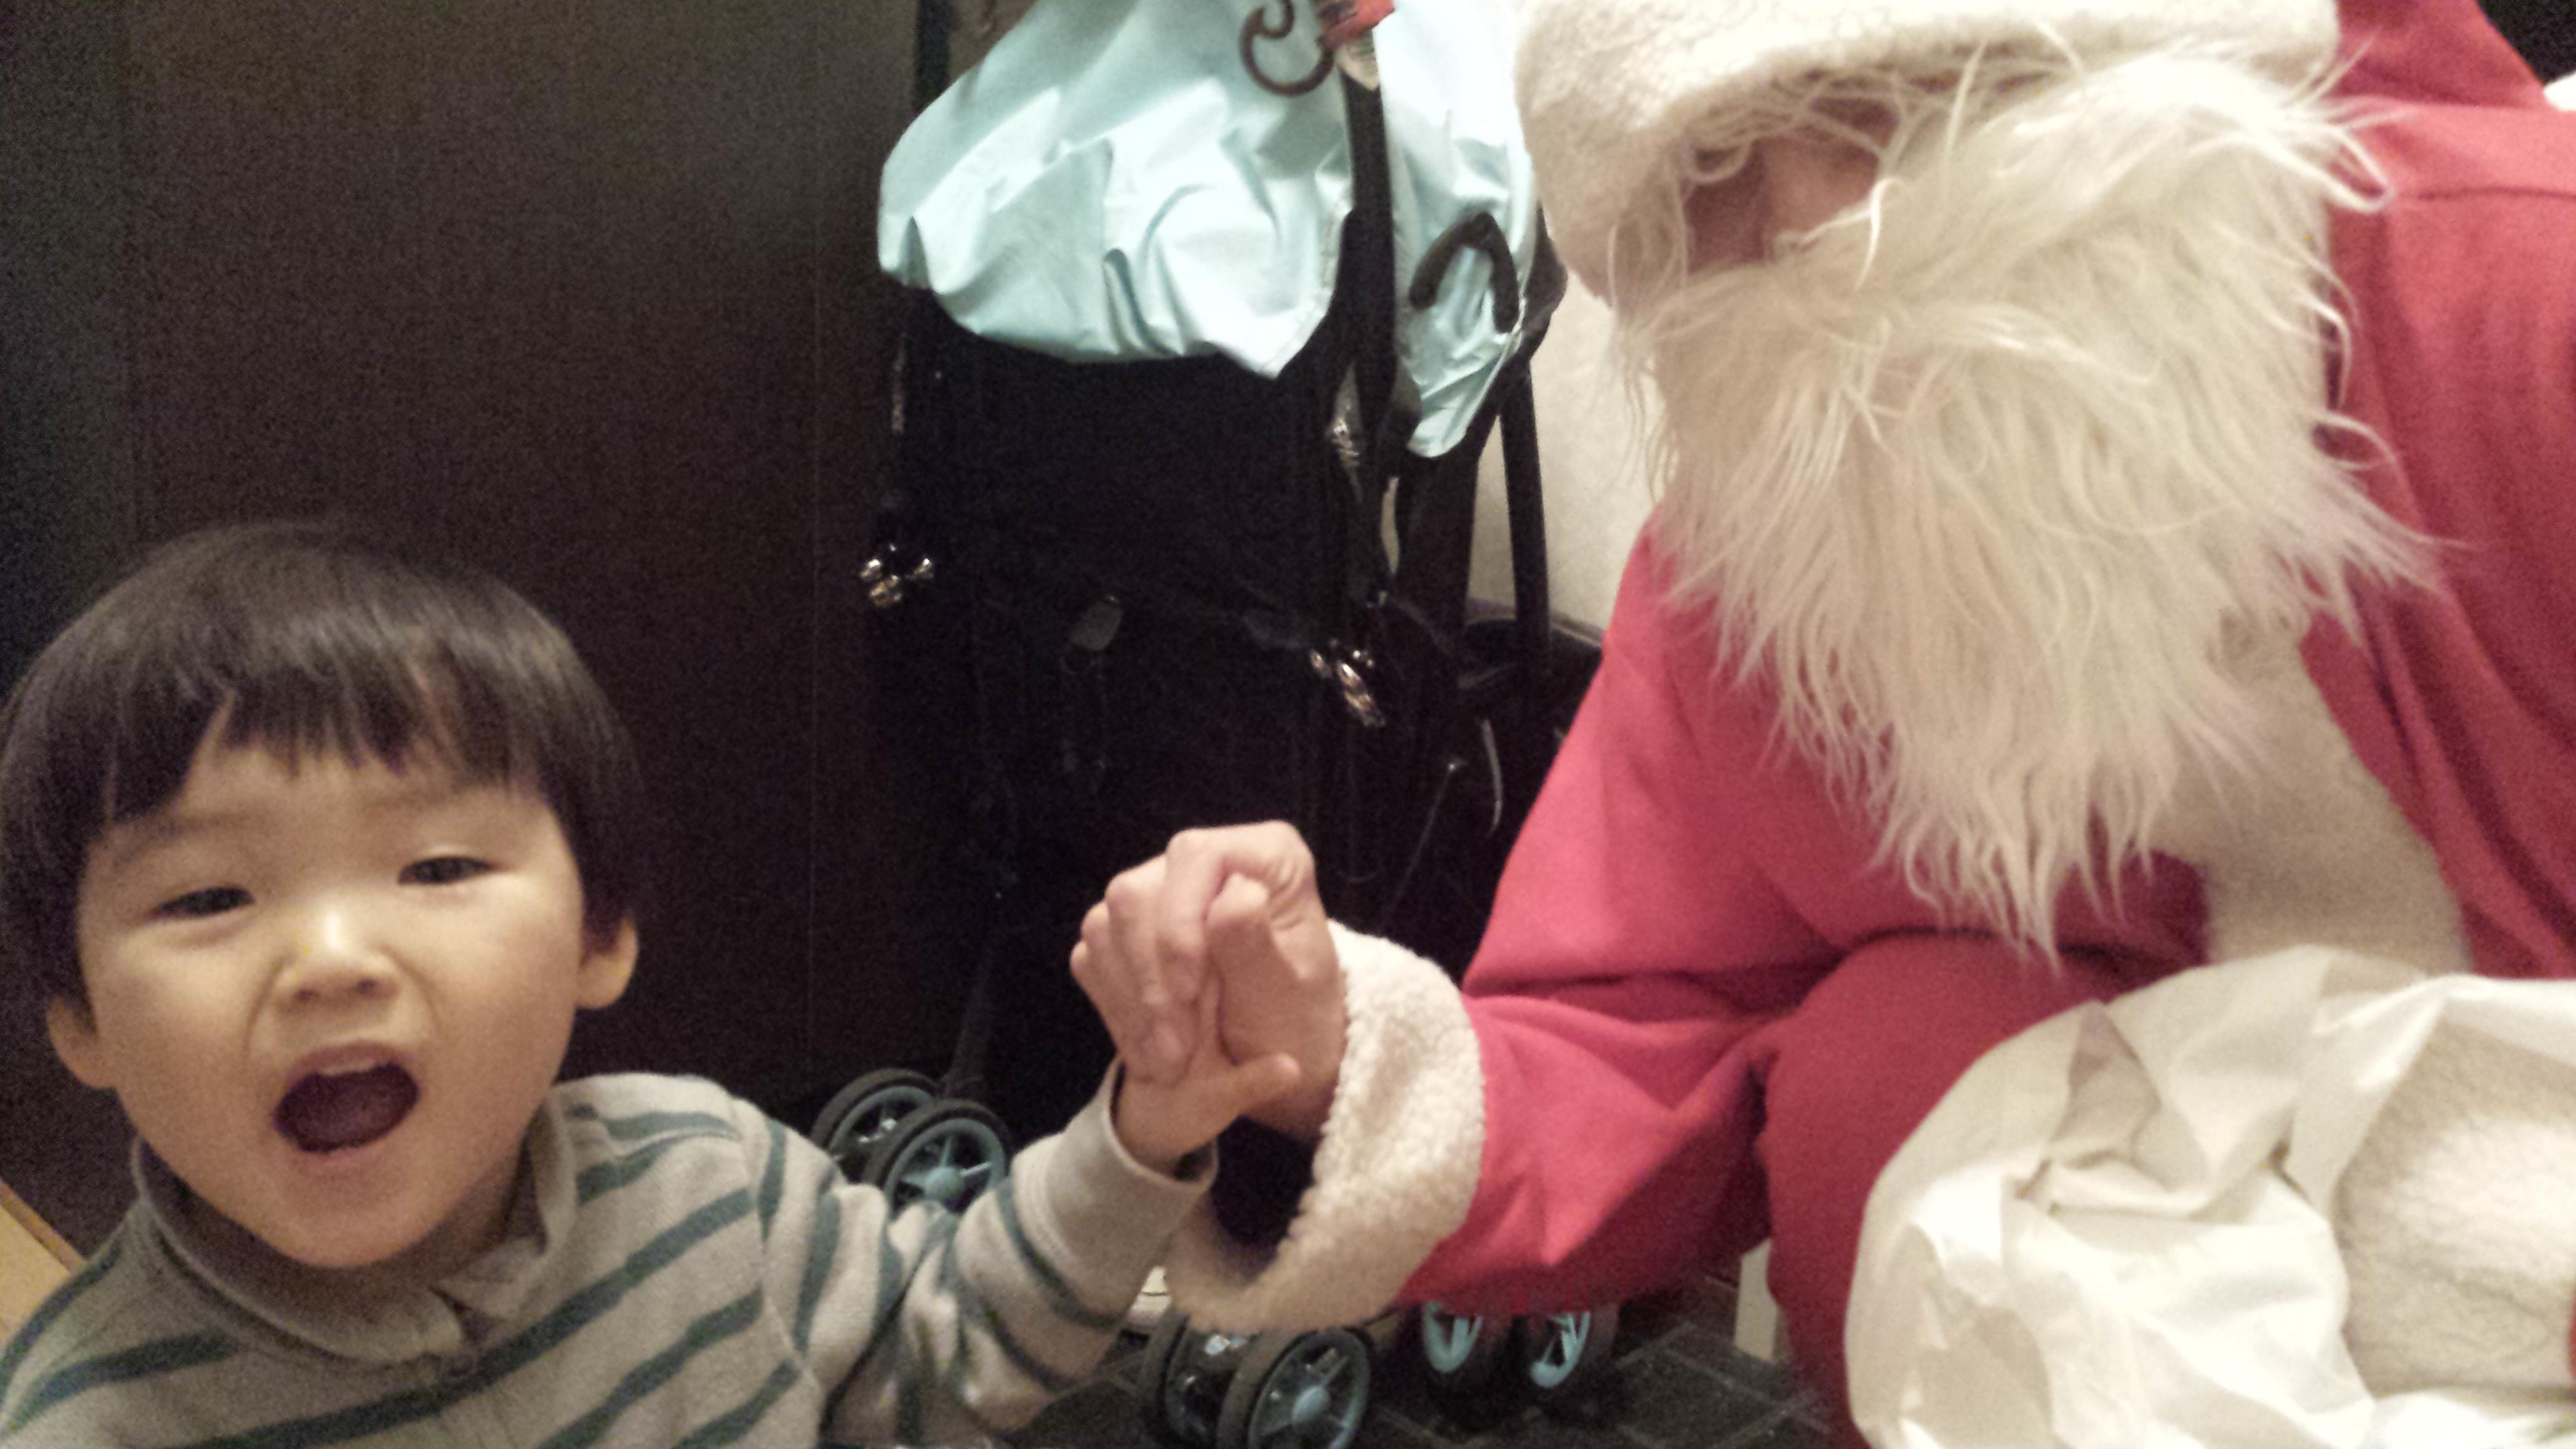 「サンタさん」との思い出がプレゼント